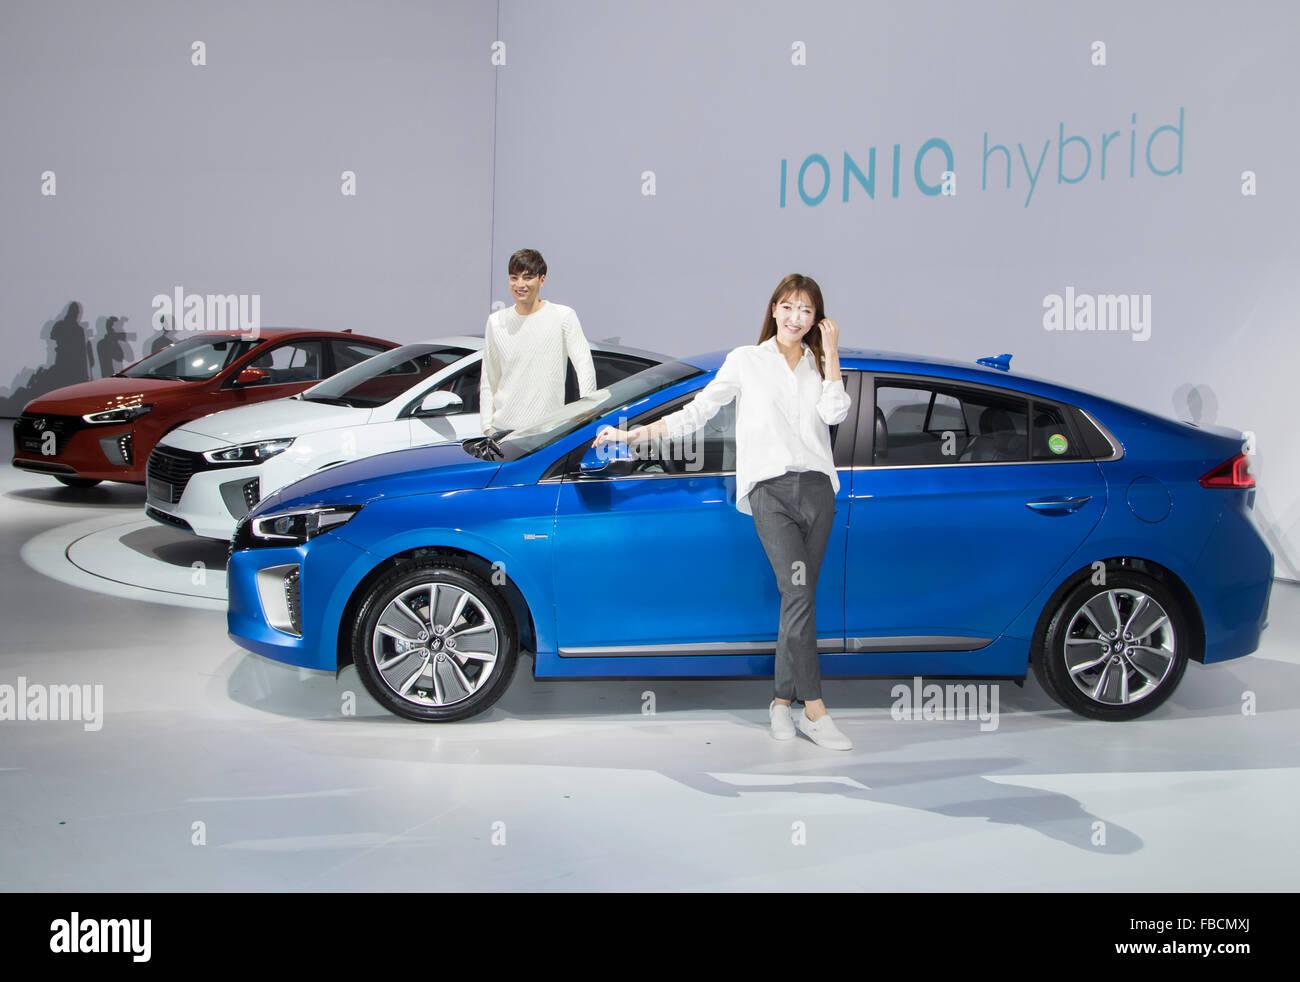 Ioniq hybride, Jan 14, 2016: Les modèles posent à côté du moteur Hyundai Ioniq voitures Photo Stock